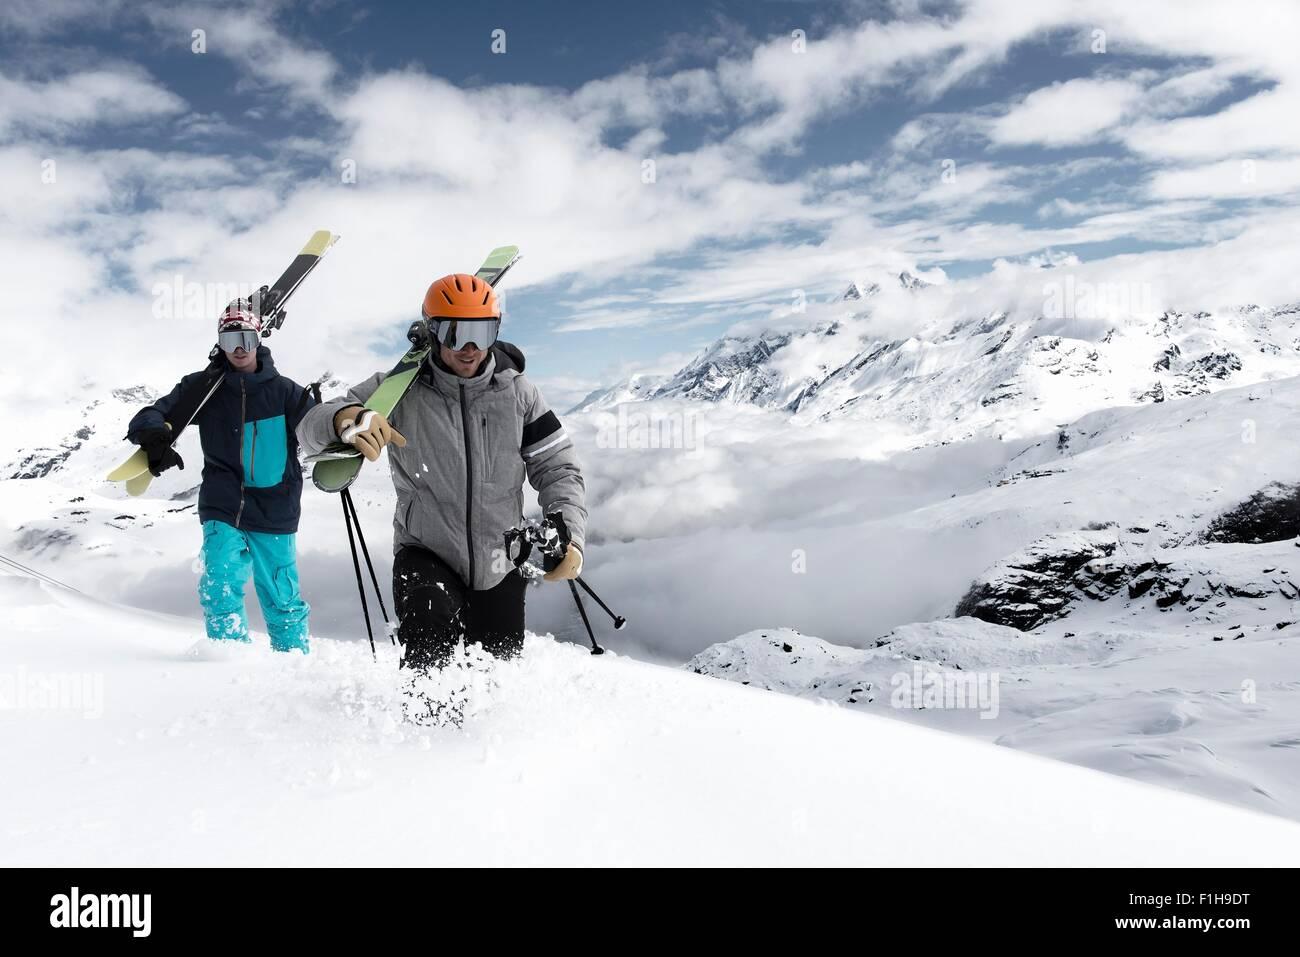 Hommes portant les skis dans la neige, Zermatt, Valais, Suisse Photo Stock